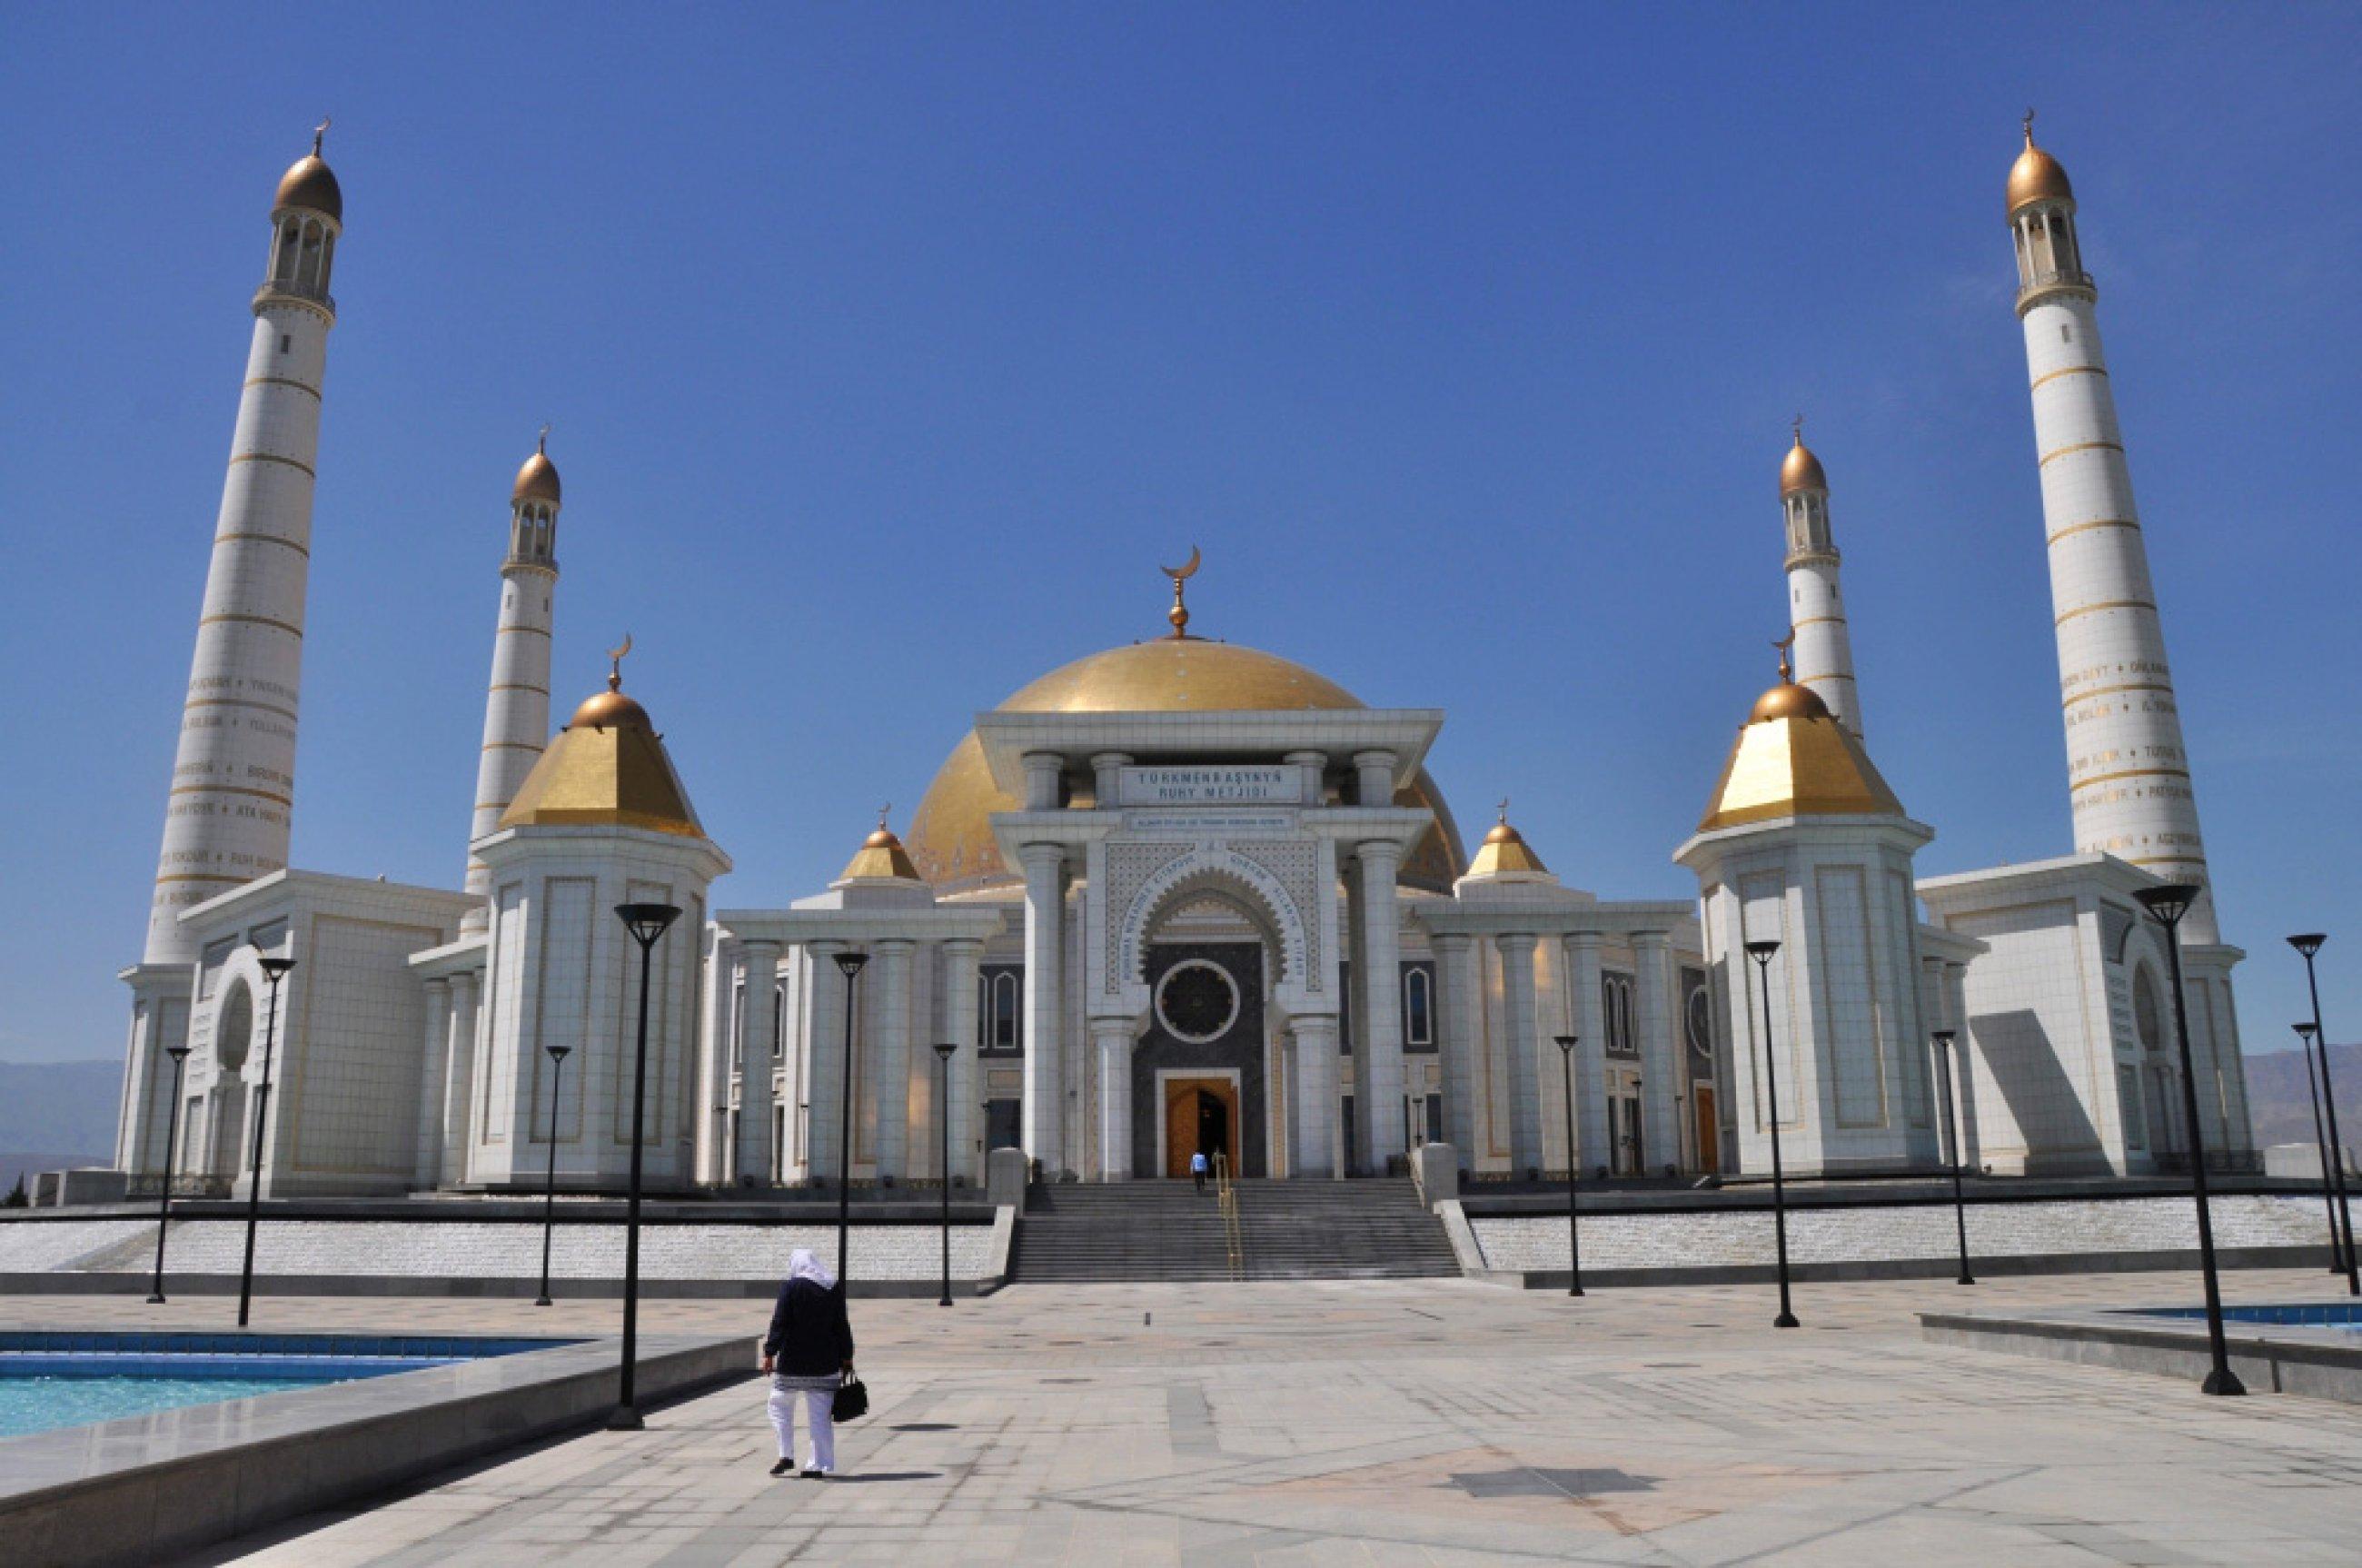 https://bubo.sk/uploads/galleries/3470/turkmenistan-09.jpg